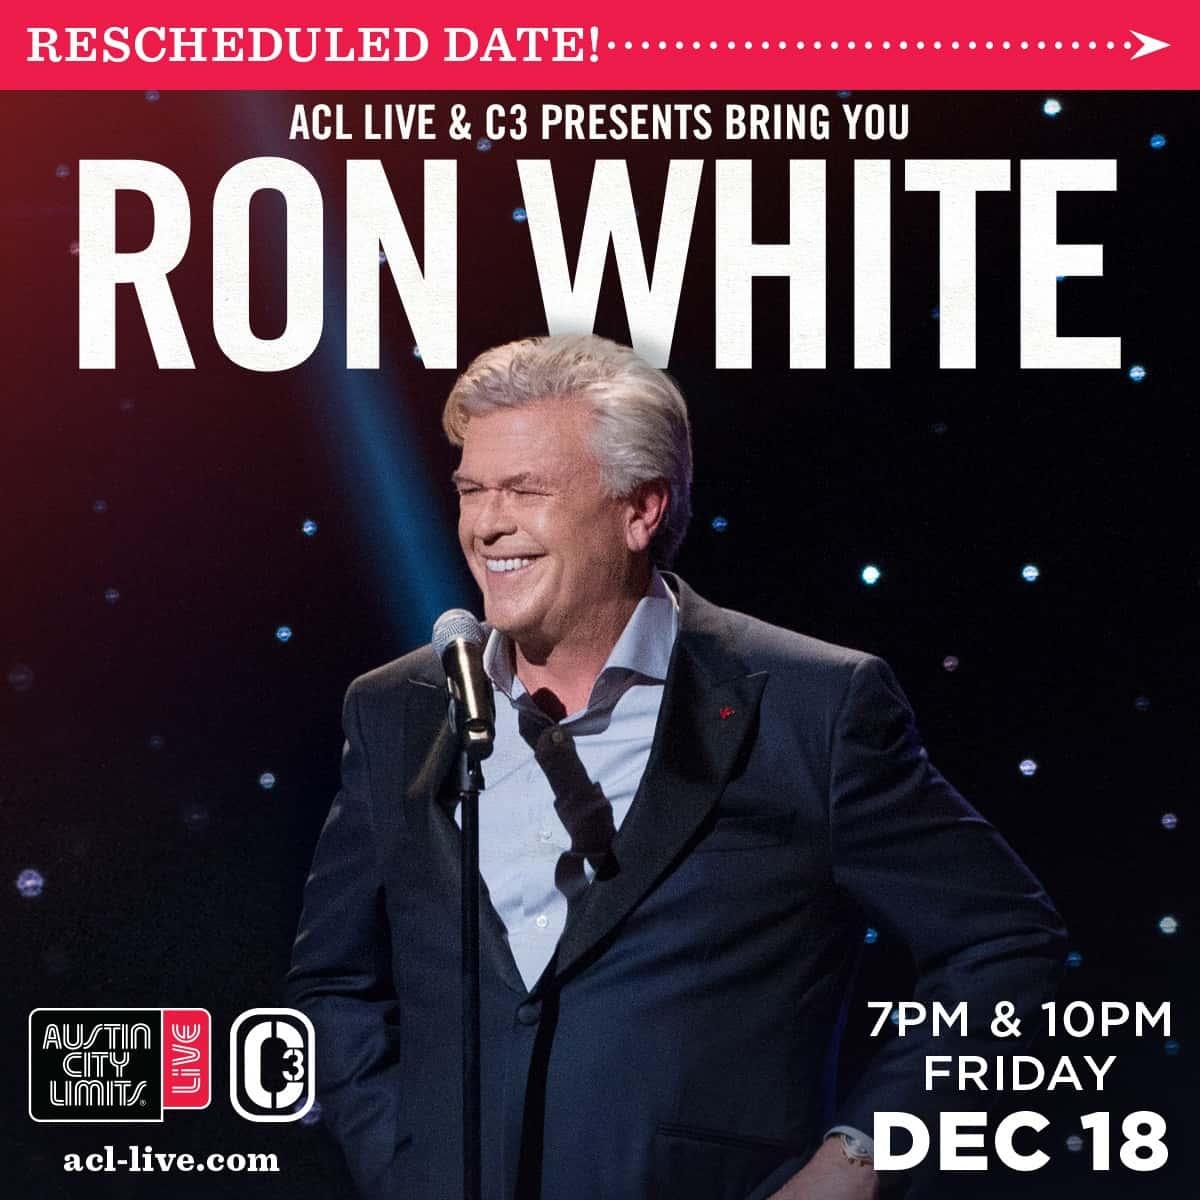 Ron White rescheduled